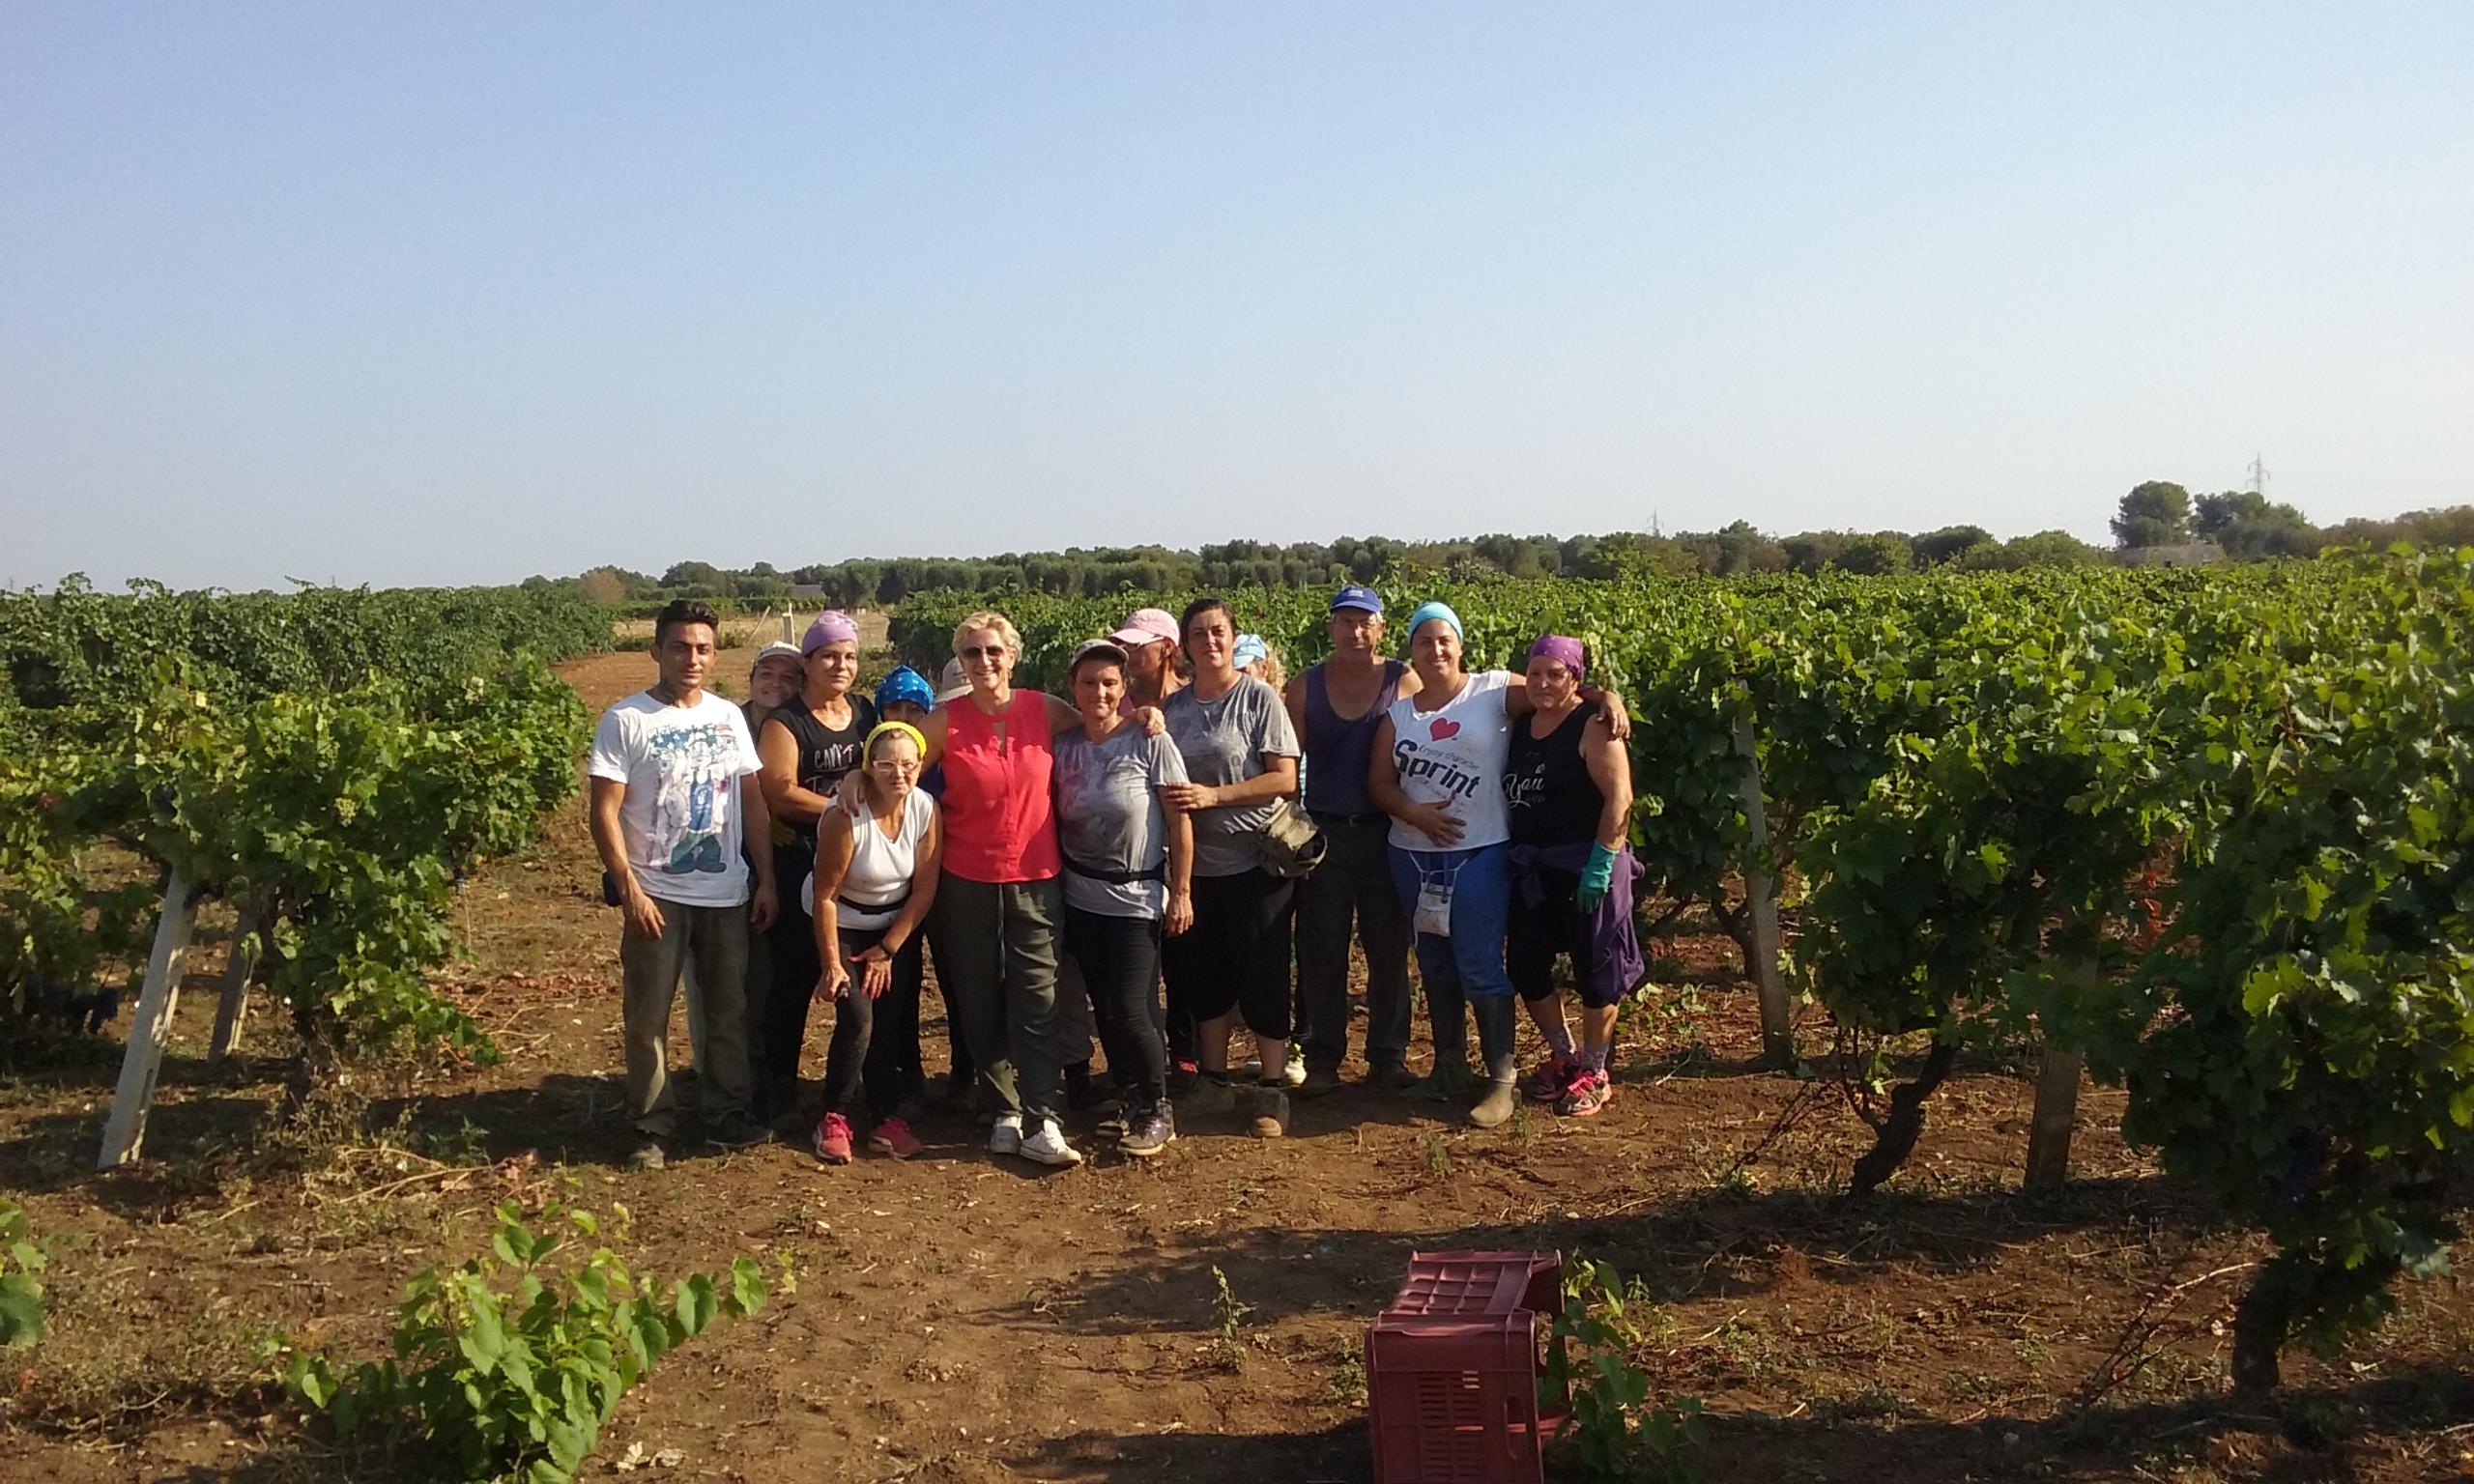 La vendemmia 2016 in Puglia: da Lecce a Bari a Foggia